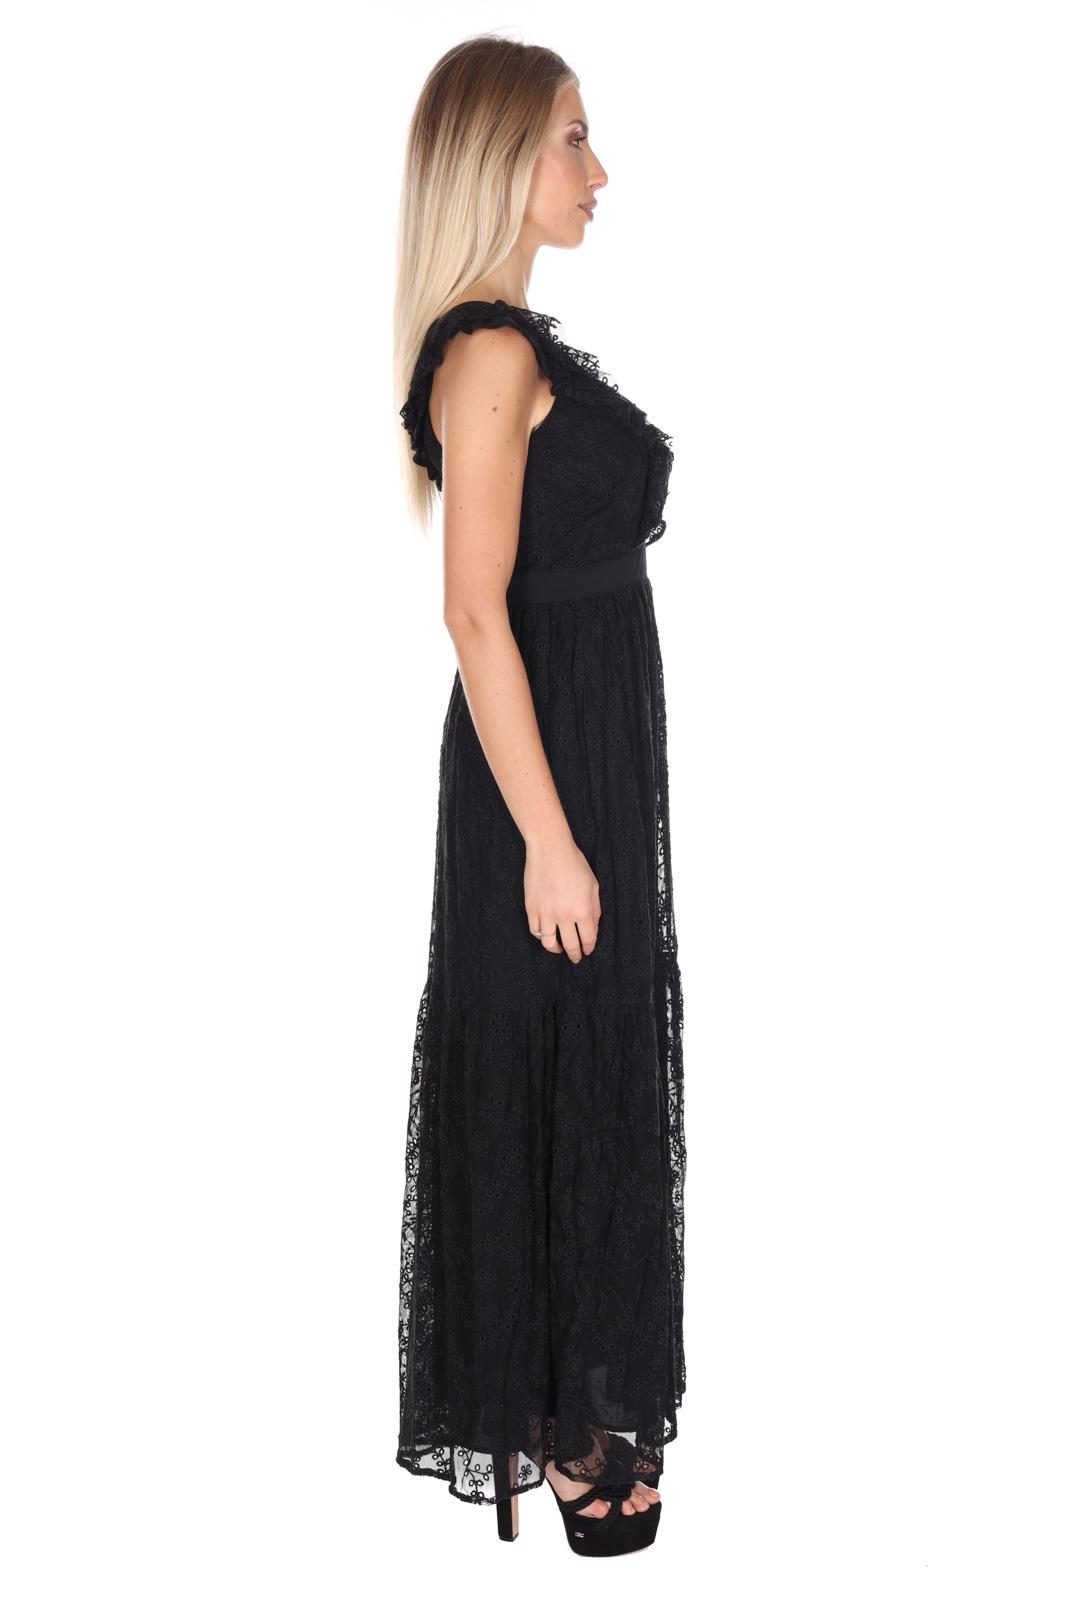 LIU JO   Dress   FA0338J402522222